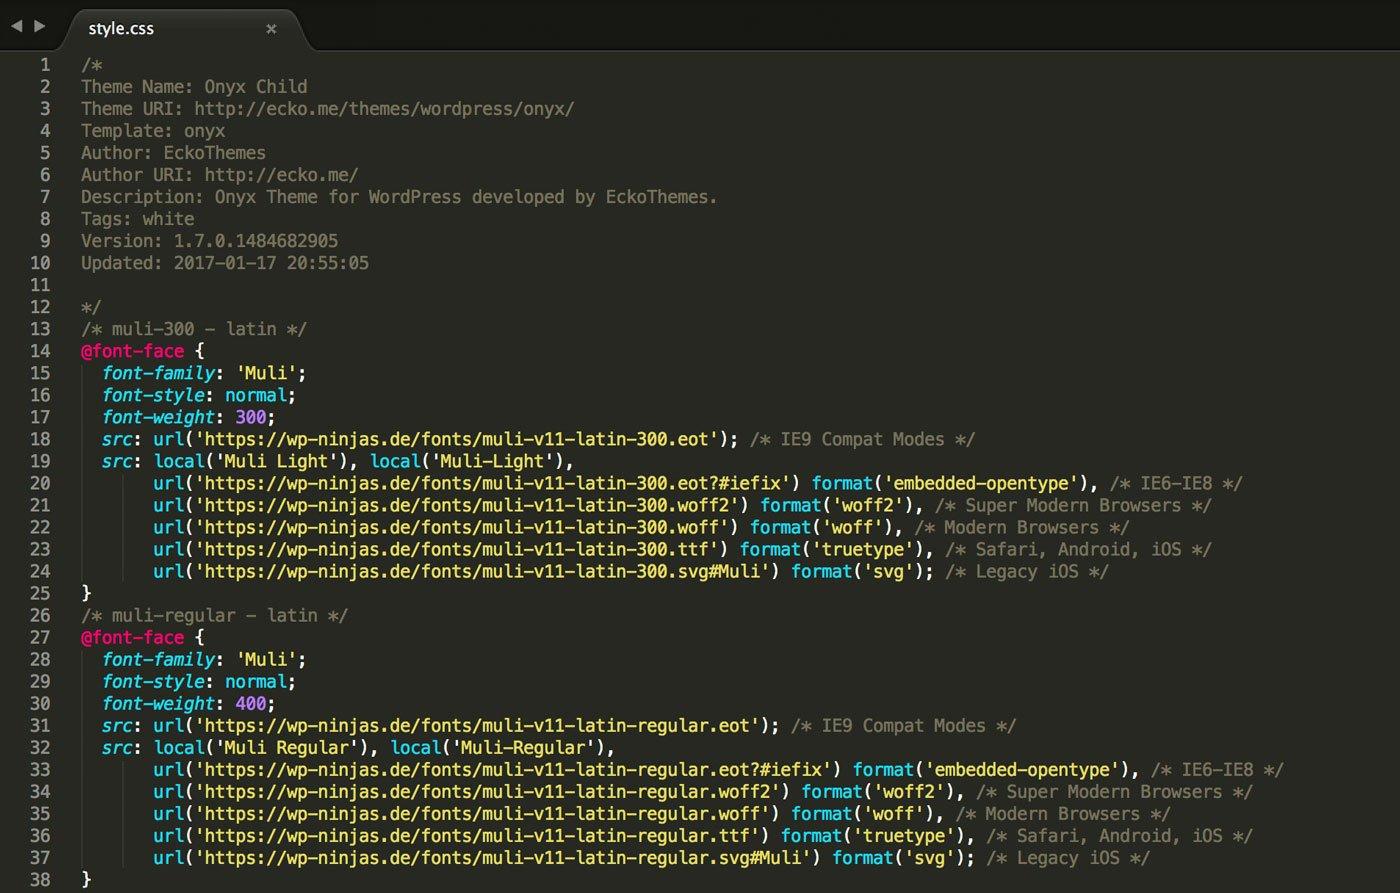 Code in der style.css zum Aufruf der Google Font